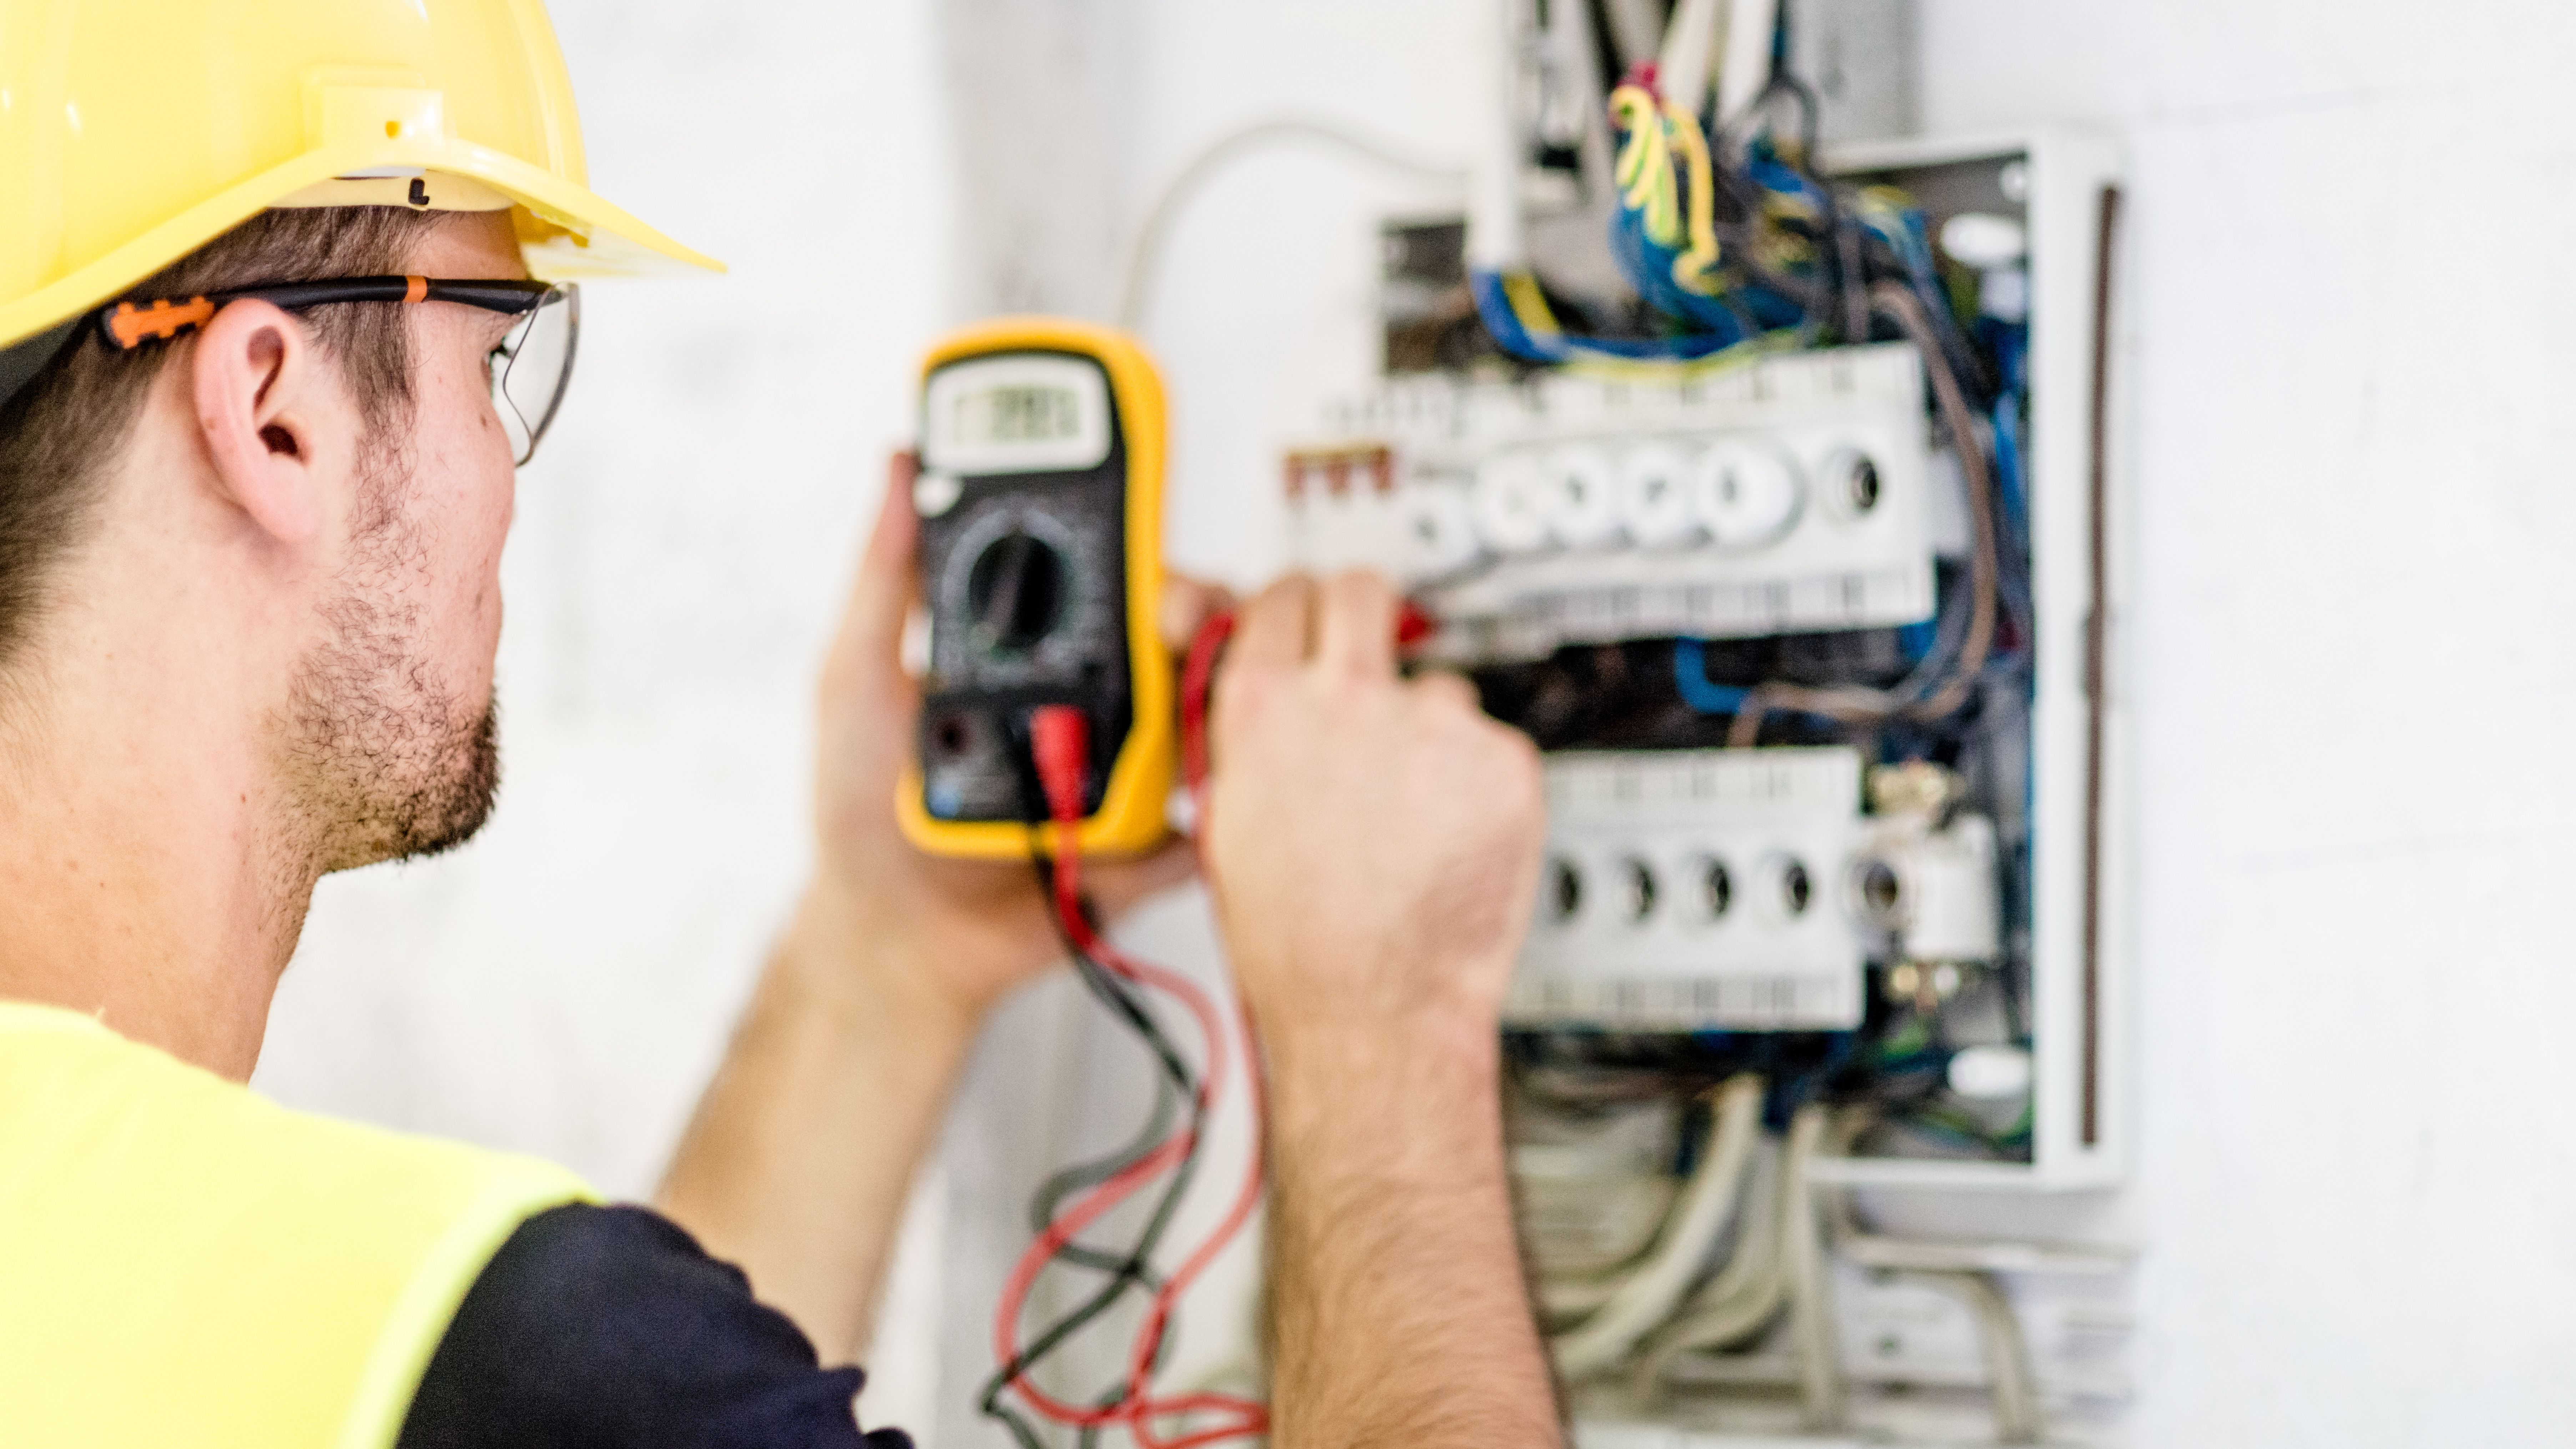 Instalaciones eléctricas obra nueva: Servicios de Teléfono de urgencias